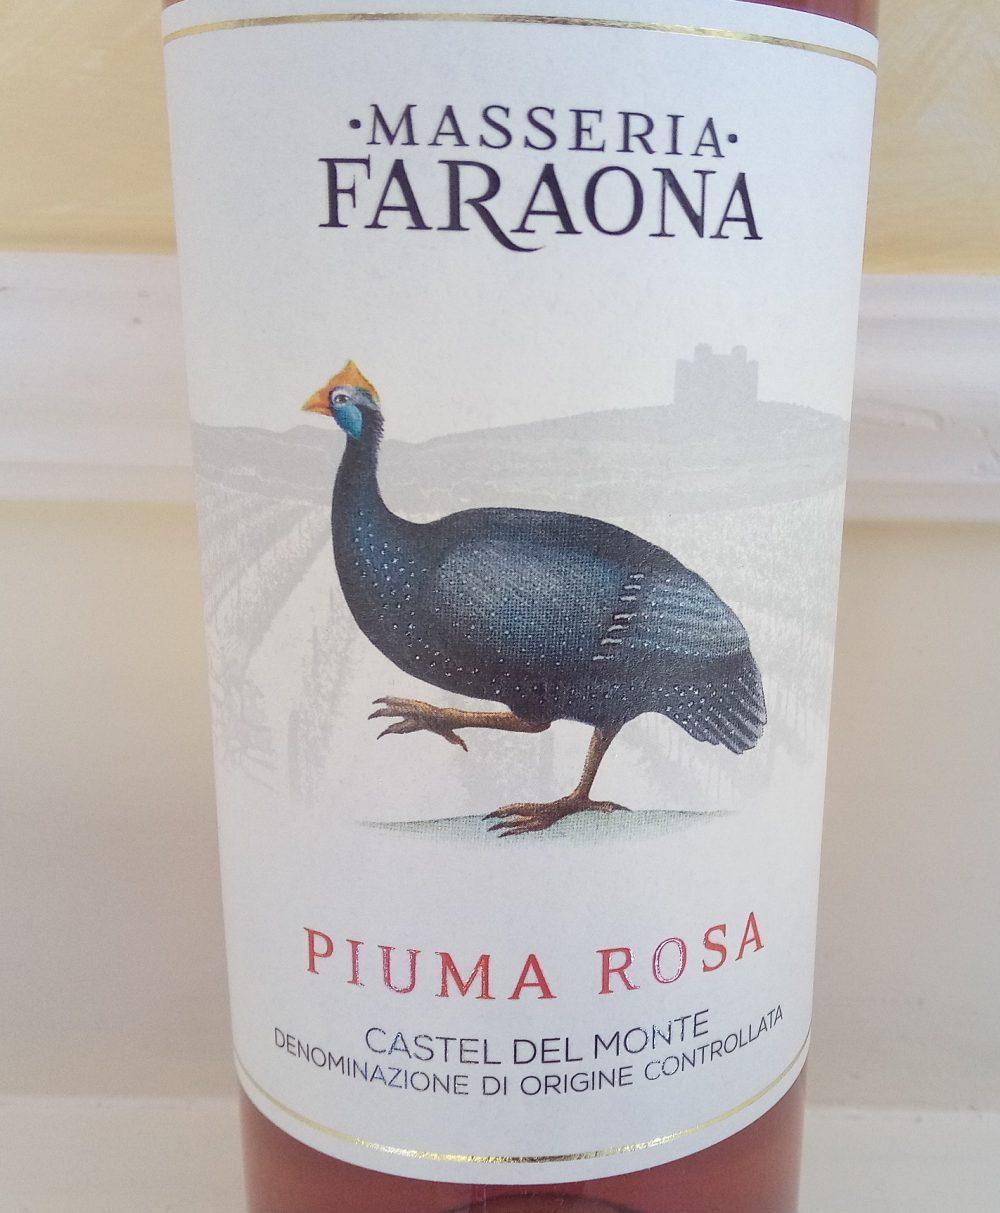 Piuma Rosa Rosato Castel del Monte Doc 2016 Masseria Faraona